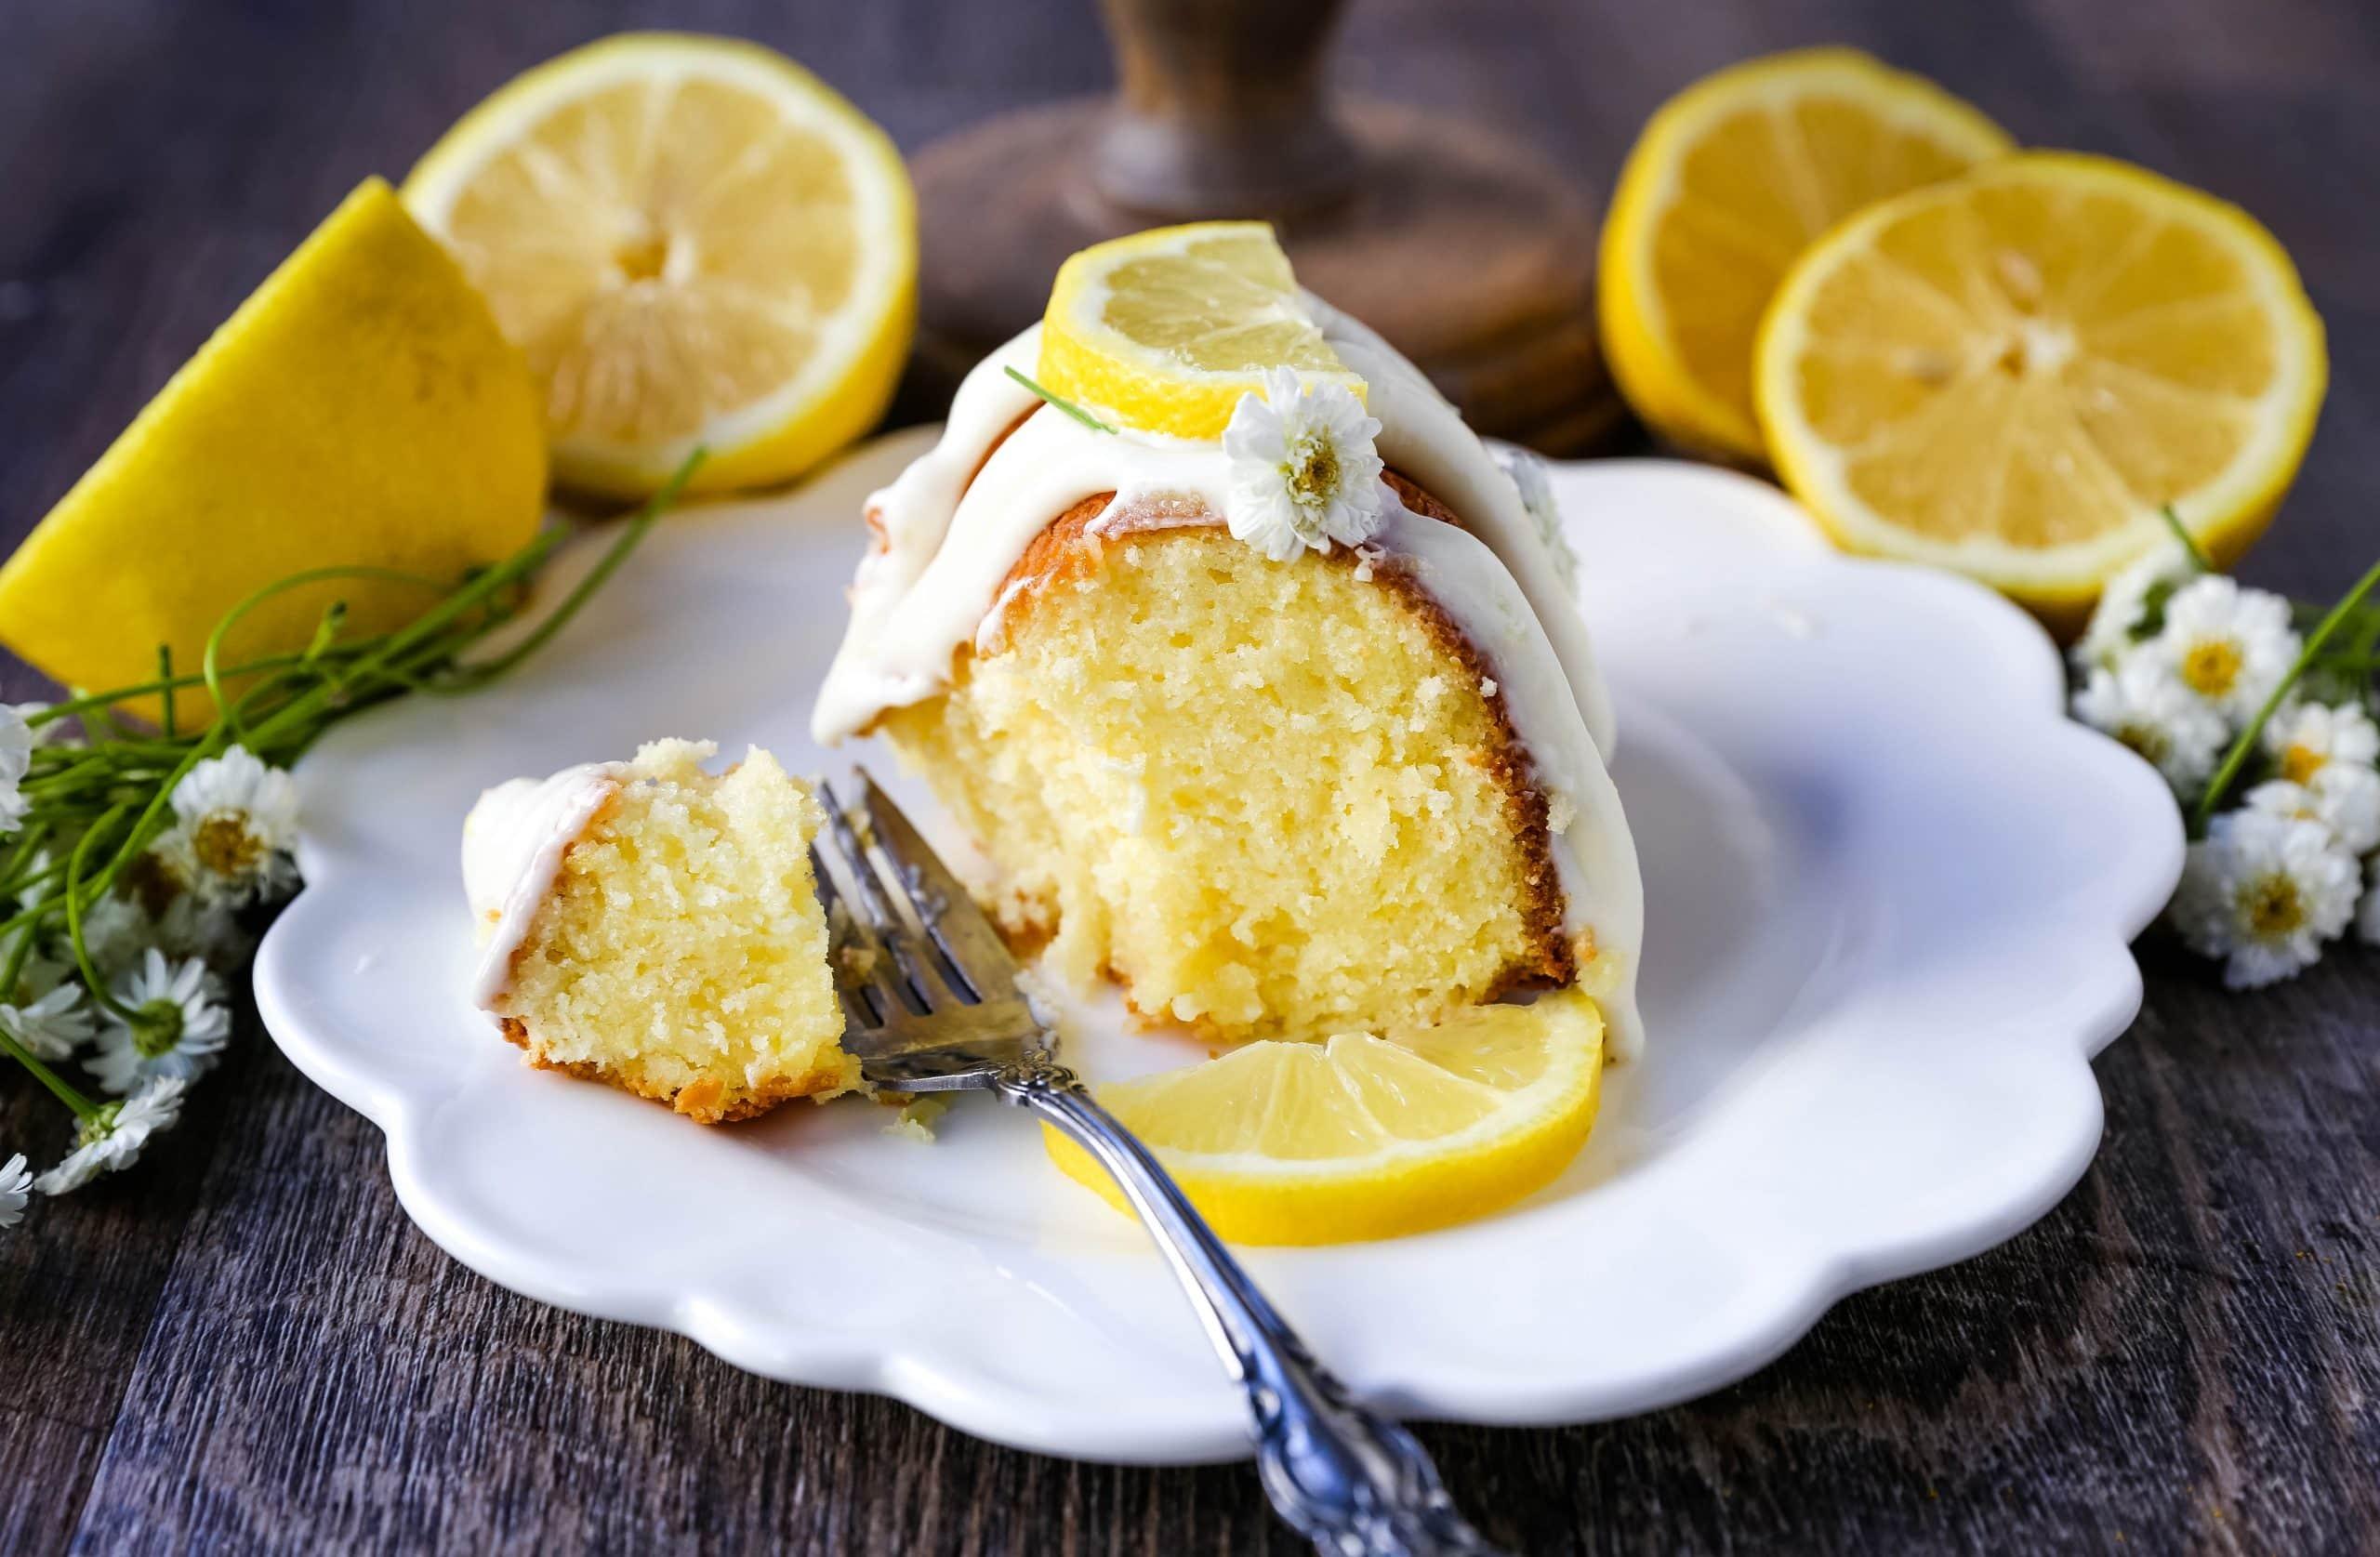 Lemon Bundt Cake. Moist, flavorful lemon bundt cake with a fresh cream cheese lemon glaze. Tips and tricks for making the perfect lemon bundt cake. www.modernhoney.com #lemoncake #lemonbundtcake #bundtcake #cake